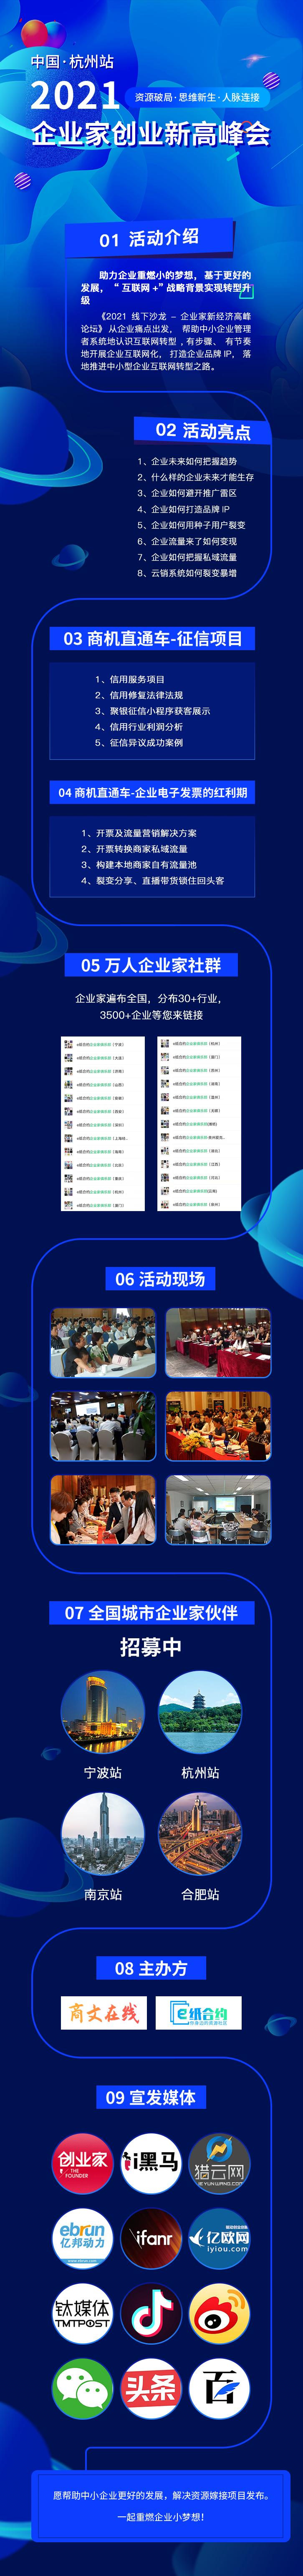 企业家新经济高峰论坛-杭州站